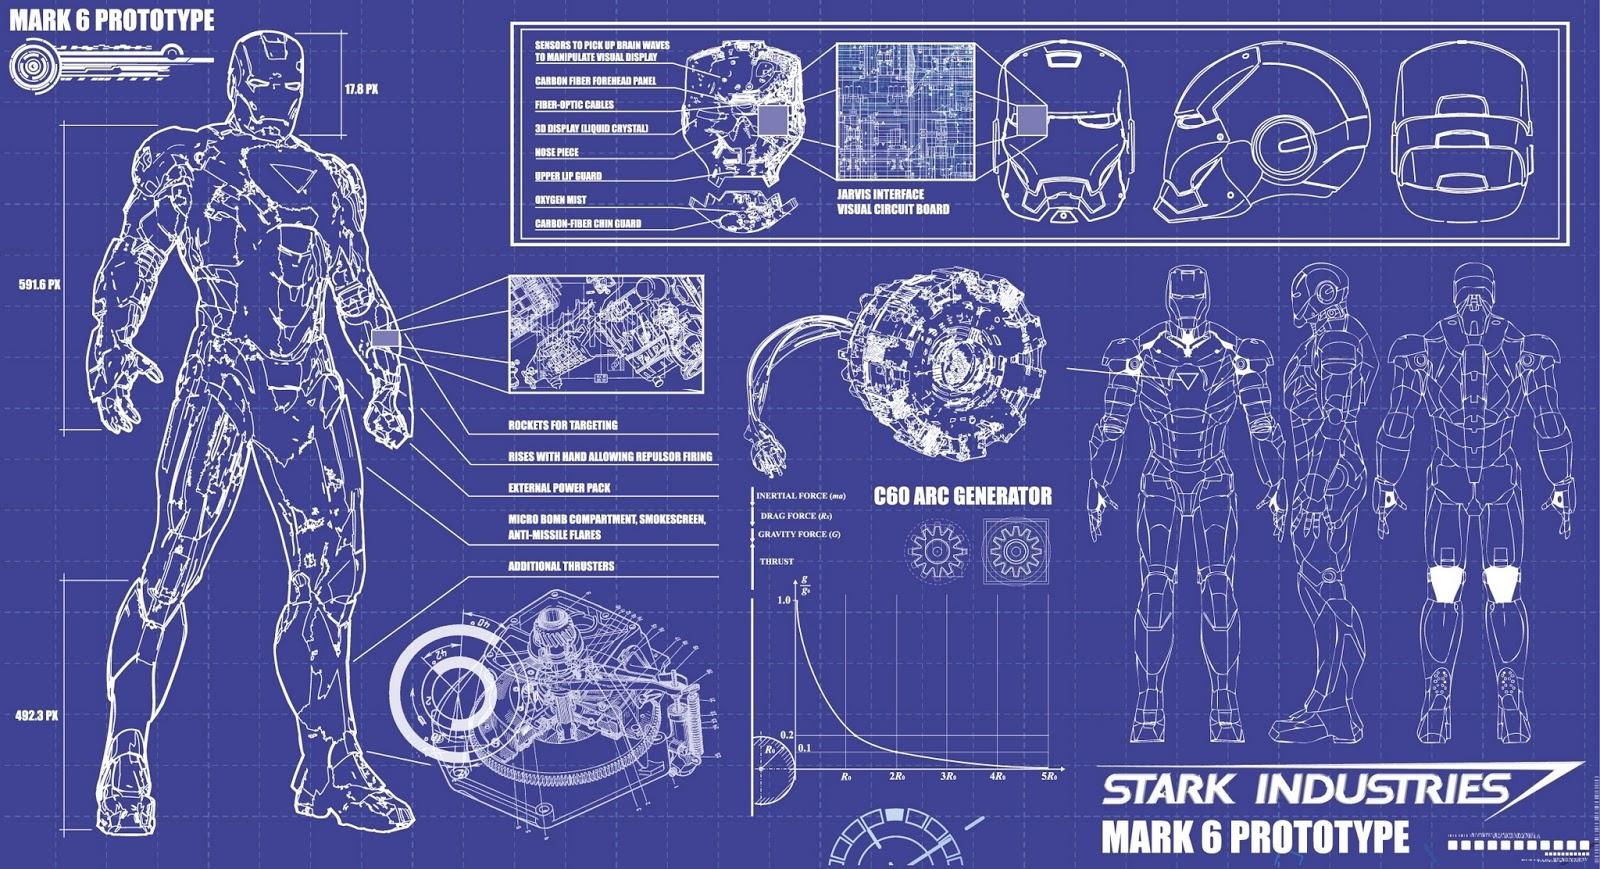 http://4.bp.blogspot.com/-0IILZ2dk5wg/UNwdjuRYloI/AAAAAAAAQx8/v0pBnLmVw3Y/s1600/Iron+Man+Mark+6.jpg